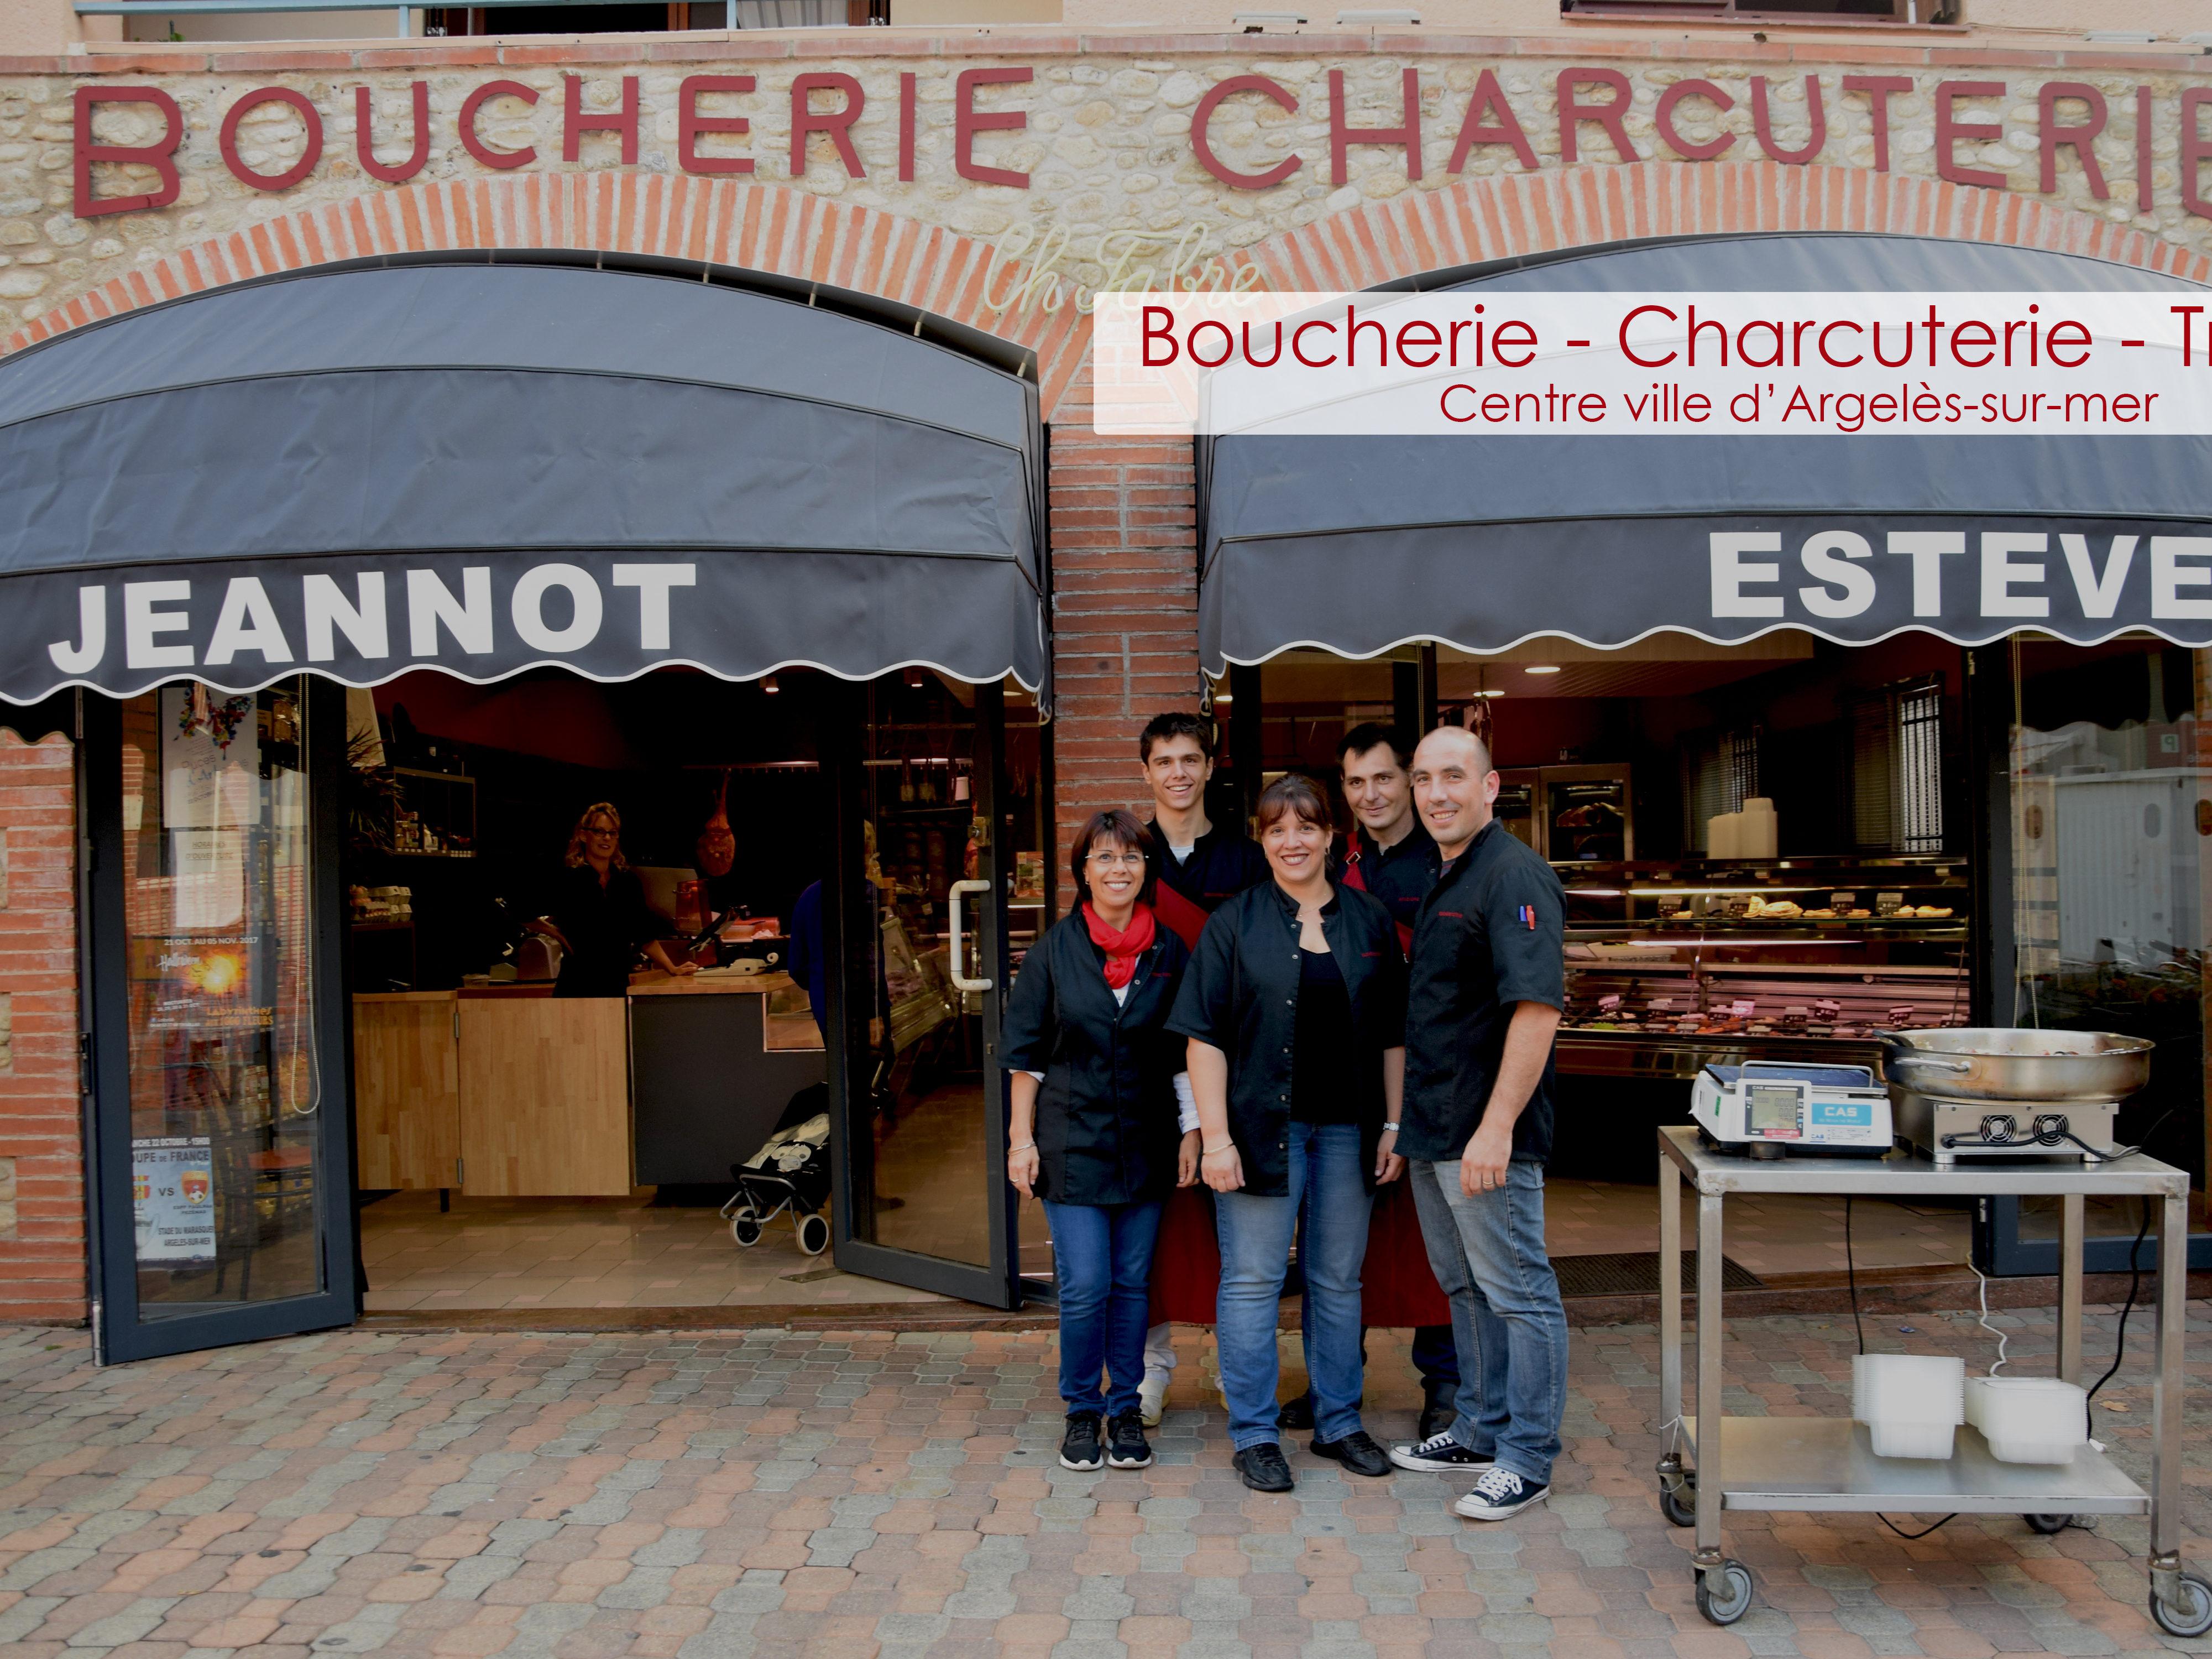 Présentation de l'equipe Boucherie-charcuterie-traiteur-Jeannot-Esteve-Argelès-Argeles-sur-mer